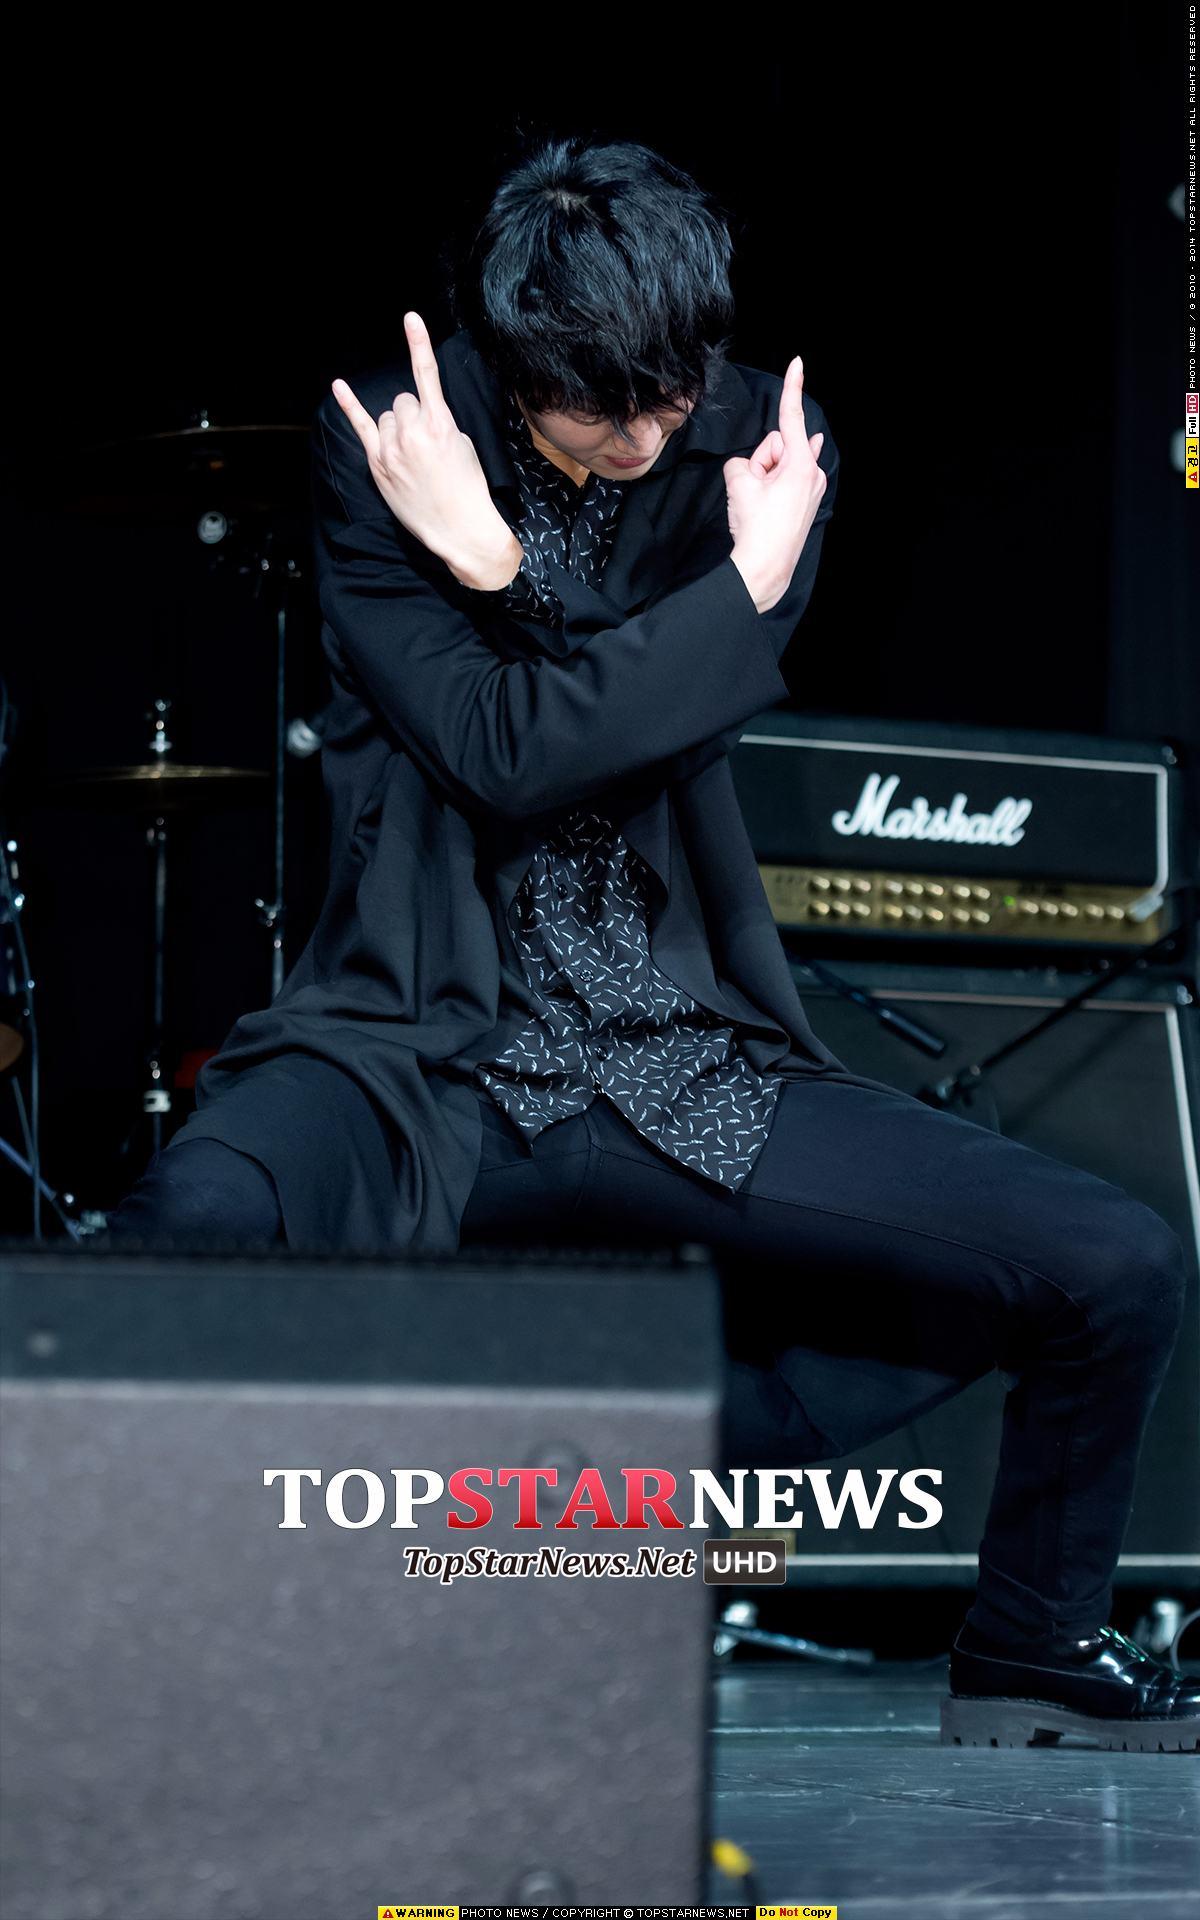 除了做音樂,鄭俊英大哥本人也非常有藝能感,在韓國綜藝節目中還滿活耀的~(雖然看不到臉但這是鄭俊英沒錯)